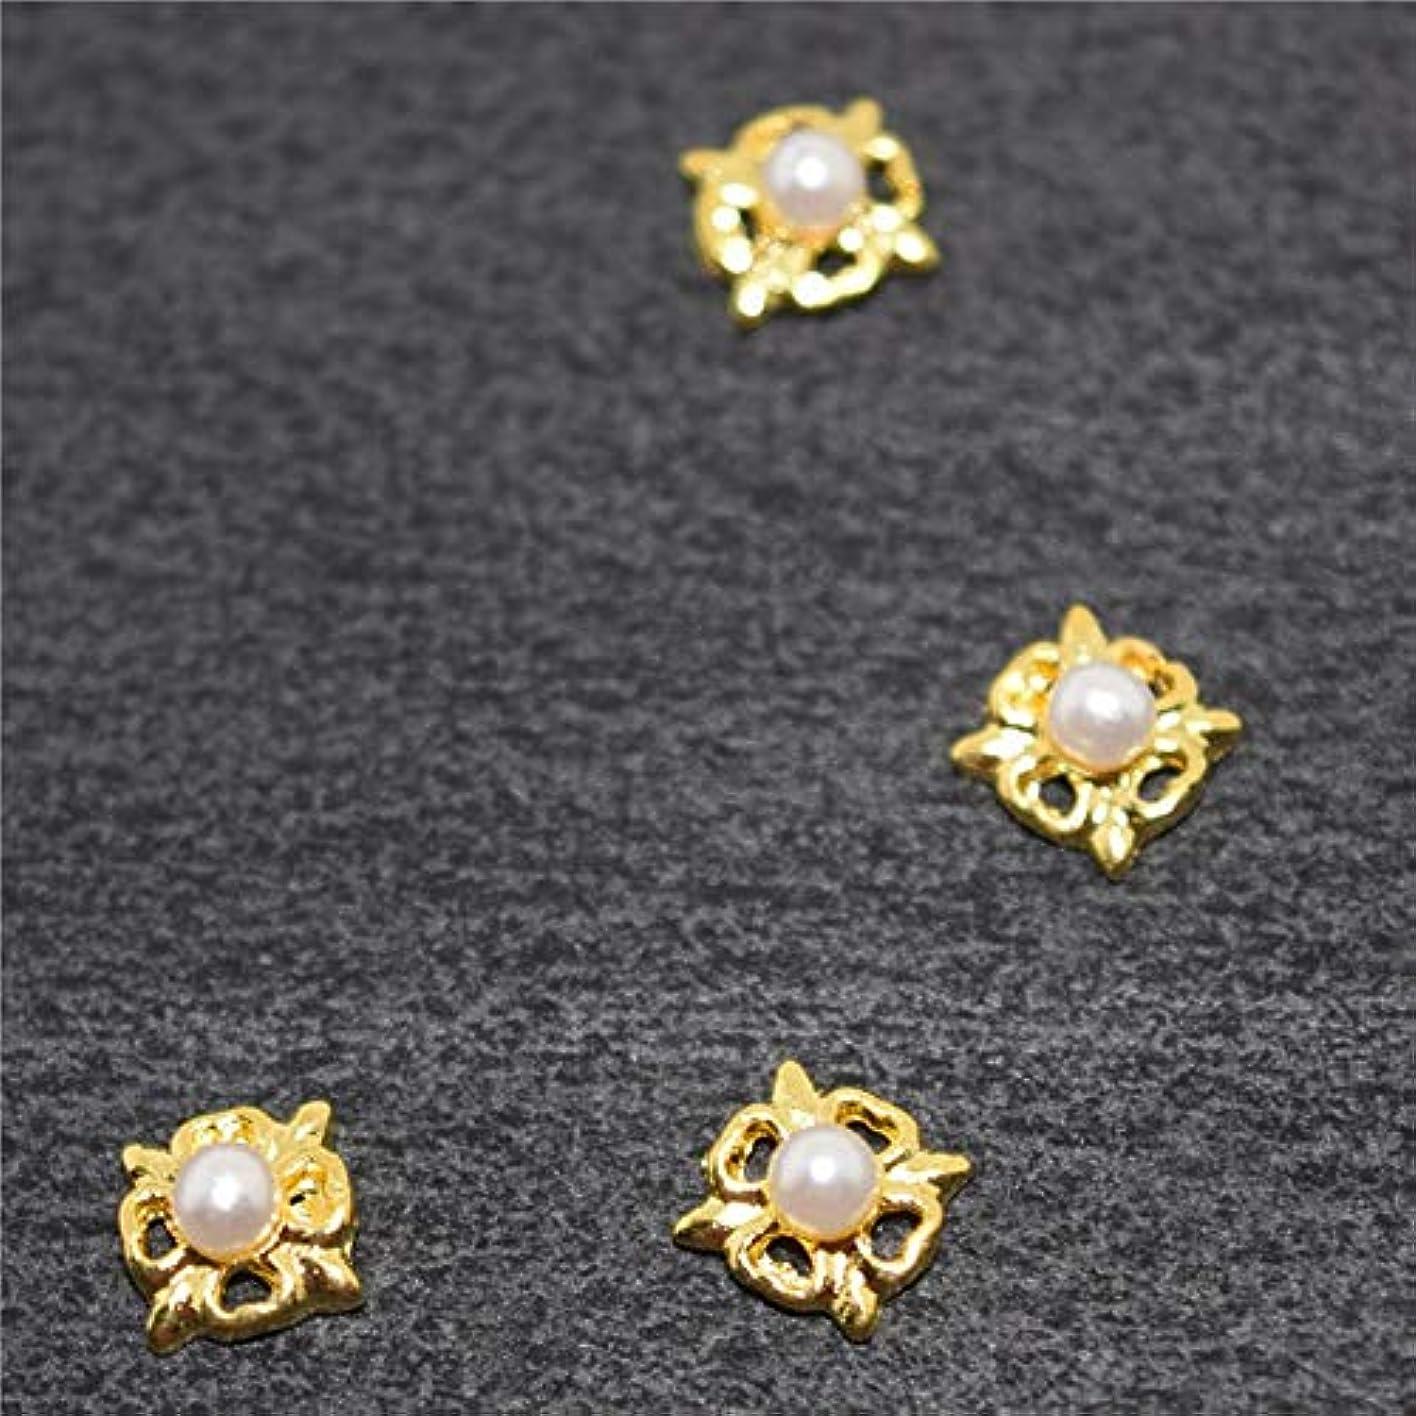 内部性能ばか10個入りホワイトパールの星3Dネイルアートの装飾合金ネイルチャームネイルズラインストーンネイル用品